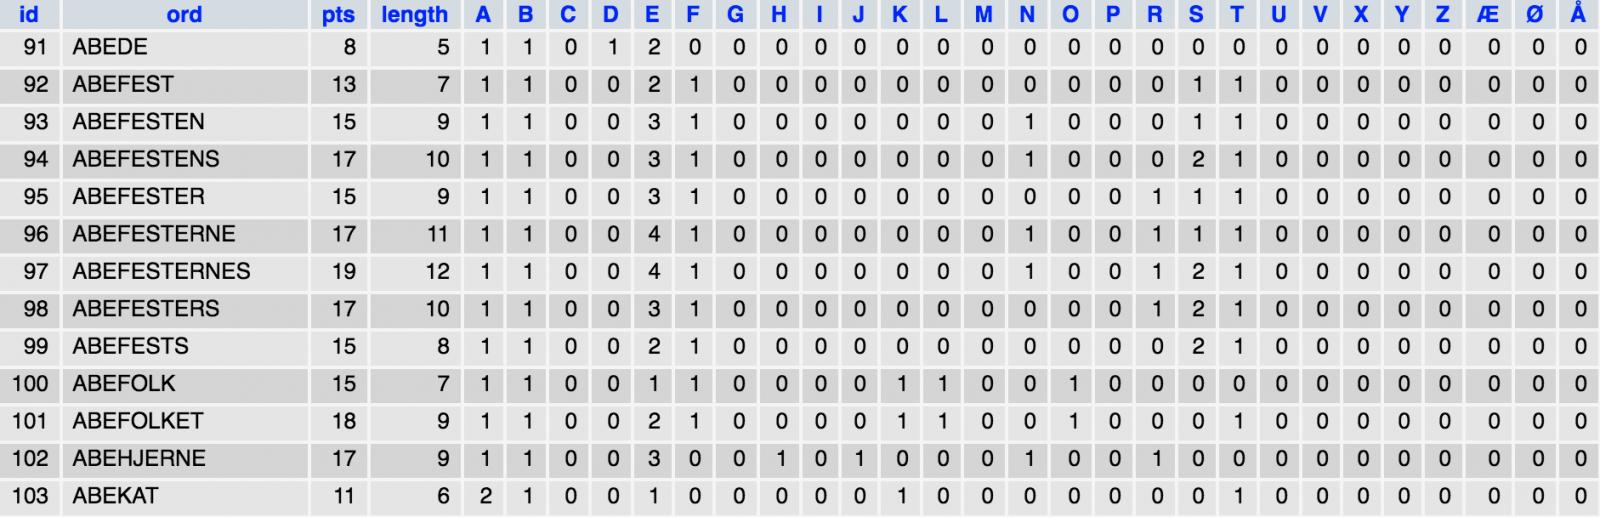 Et udsnit af databasen, hvor alle ord er indekseret efter antal bogstaver og points